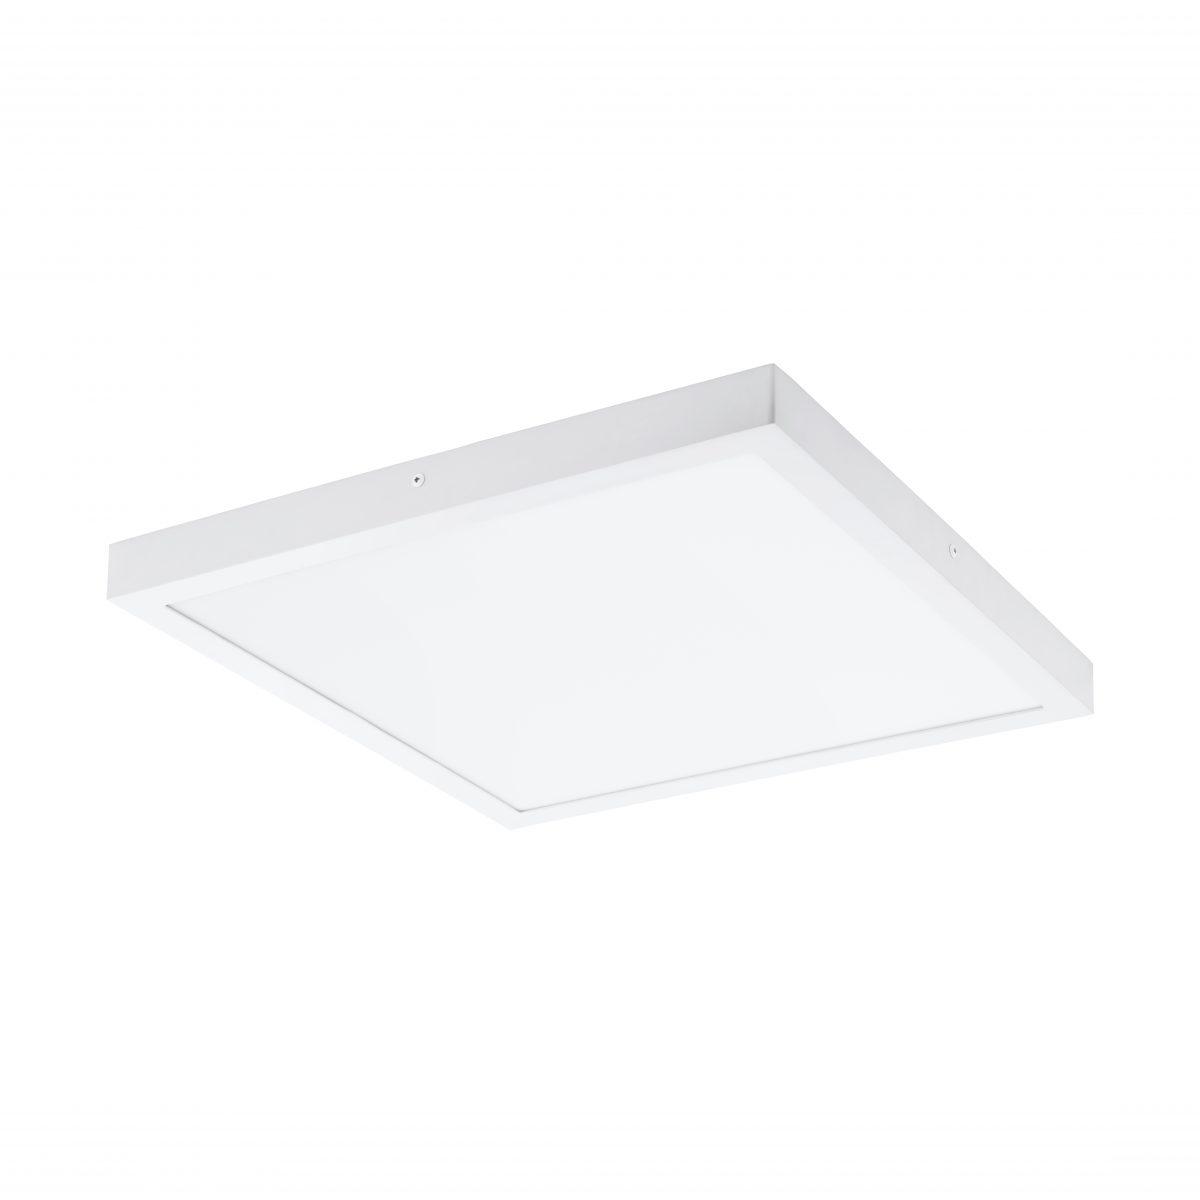 Светильник настенно-потолочный FUEVA 1 EGLO 97273 - Фото №28